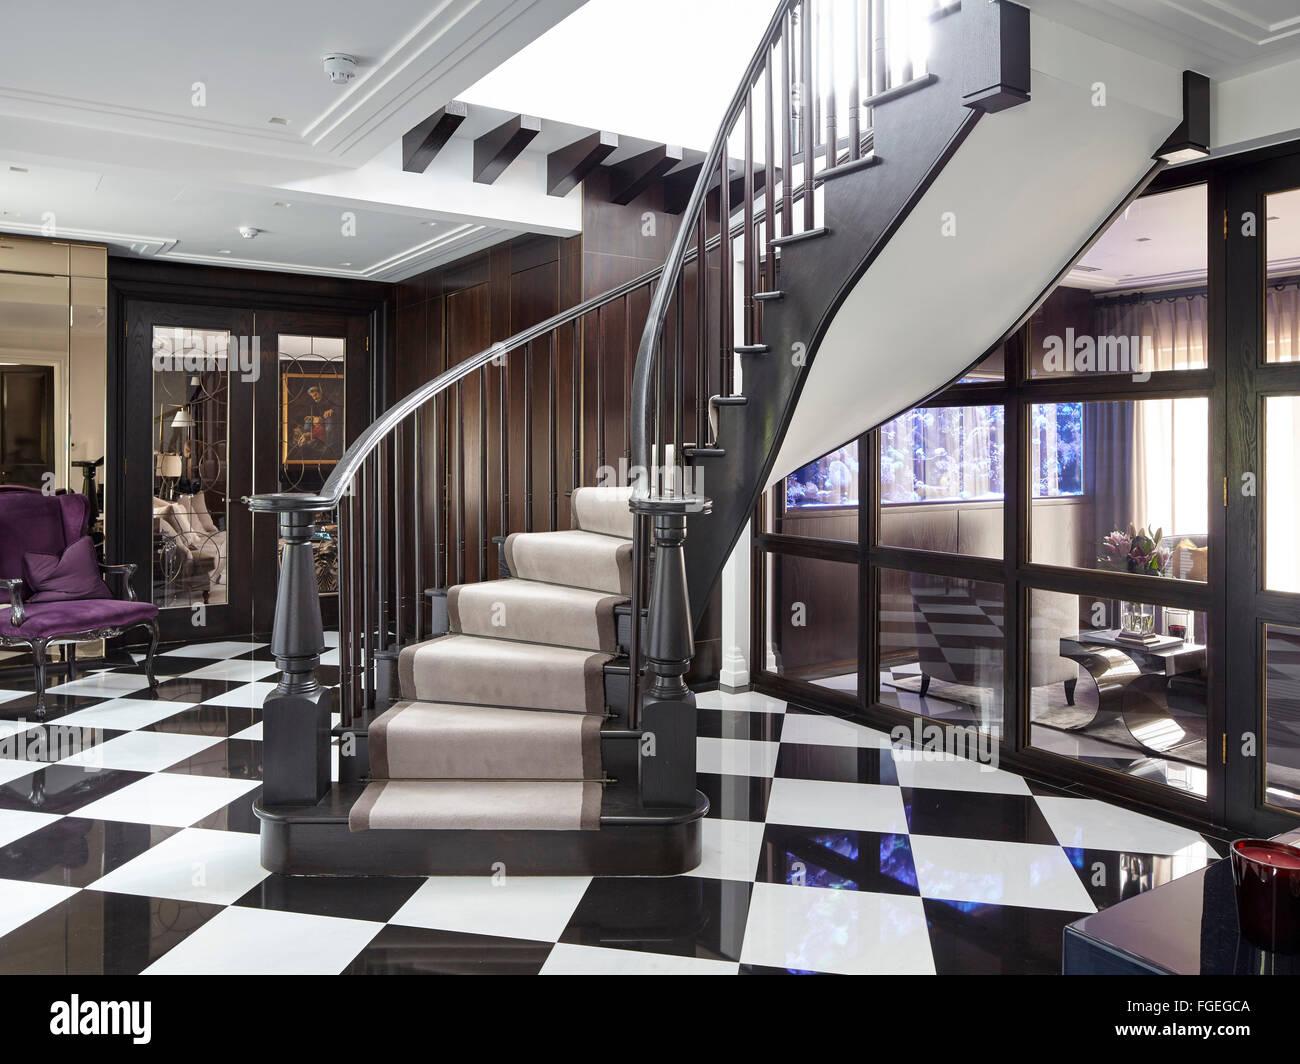 escalier en bois courbé avec carrelage noir et blanc montrant un